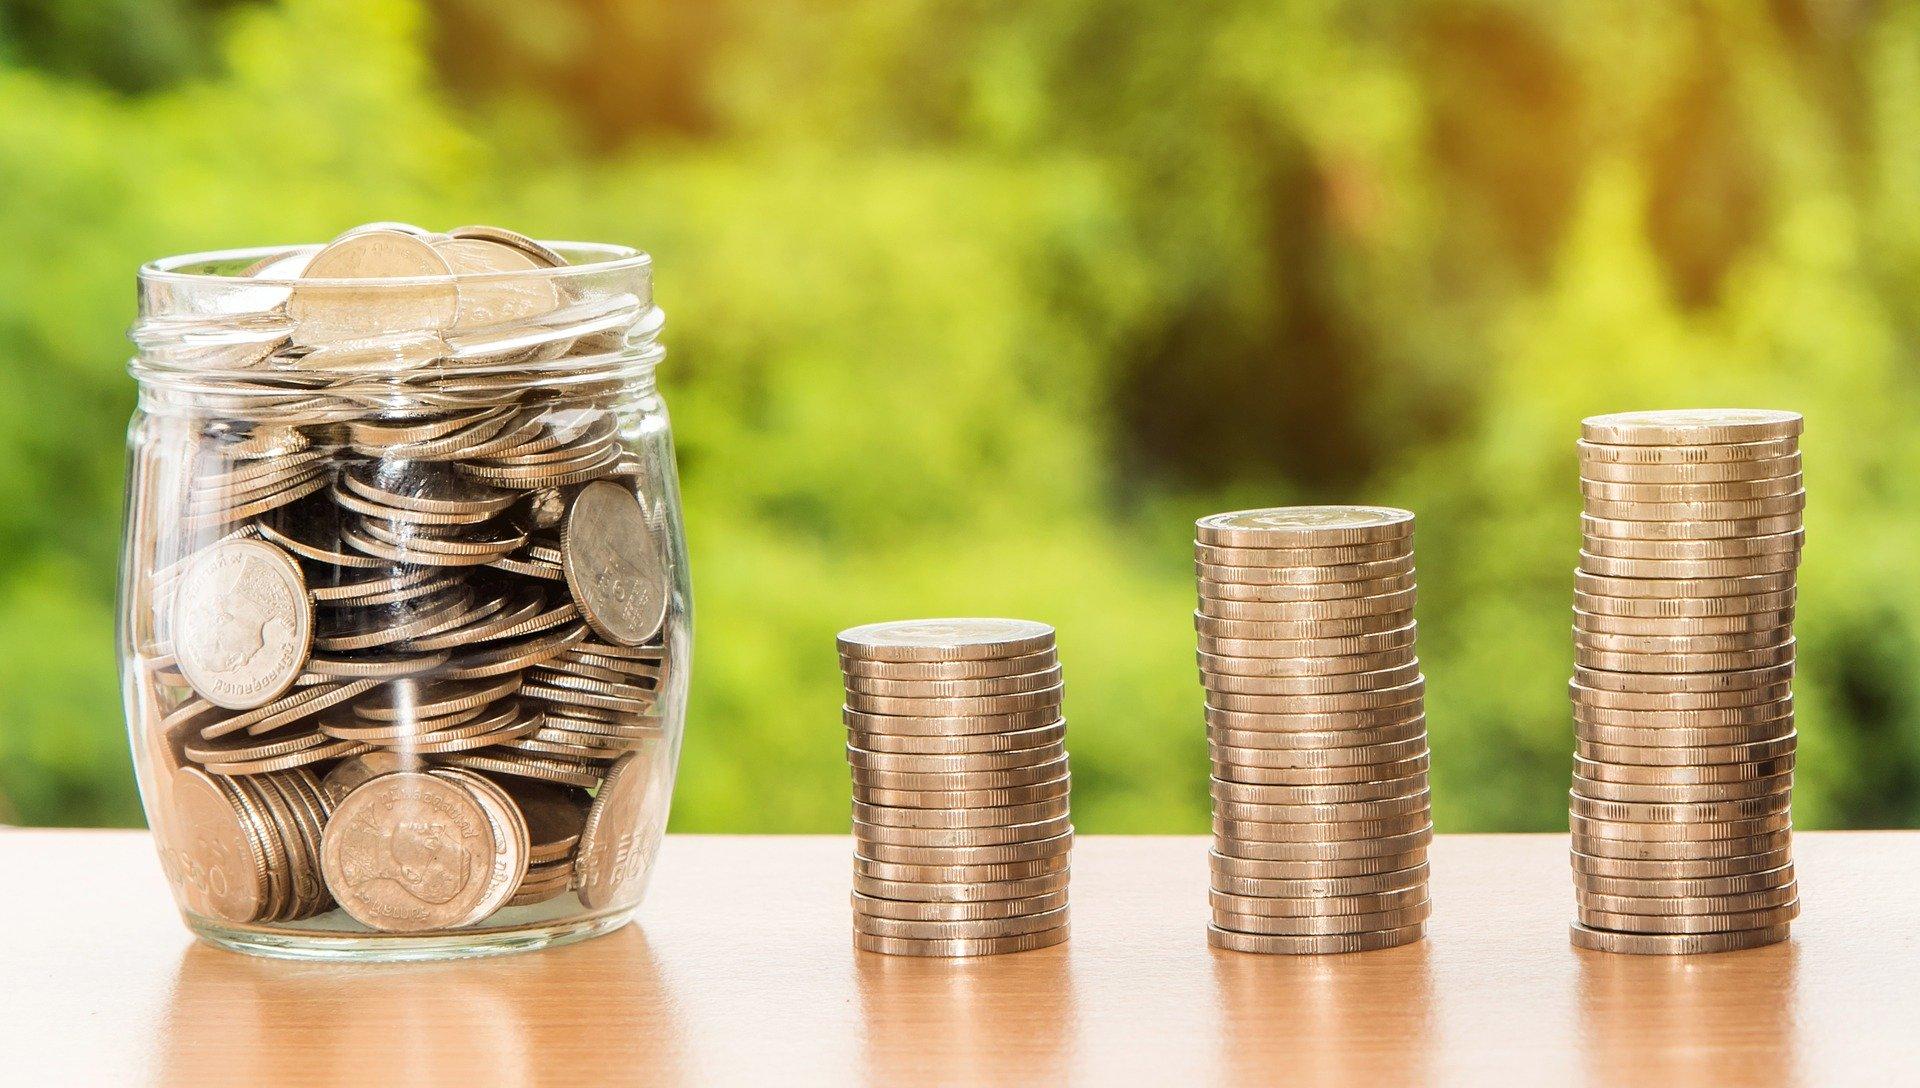 Minimumloon per 1 januari 2021 vastgesteld